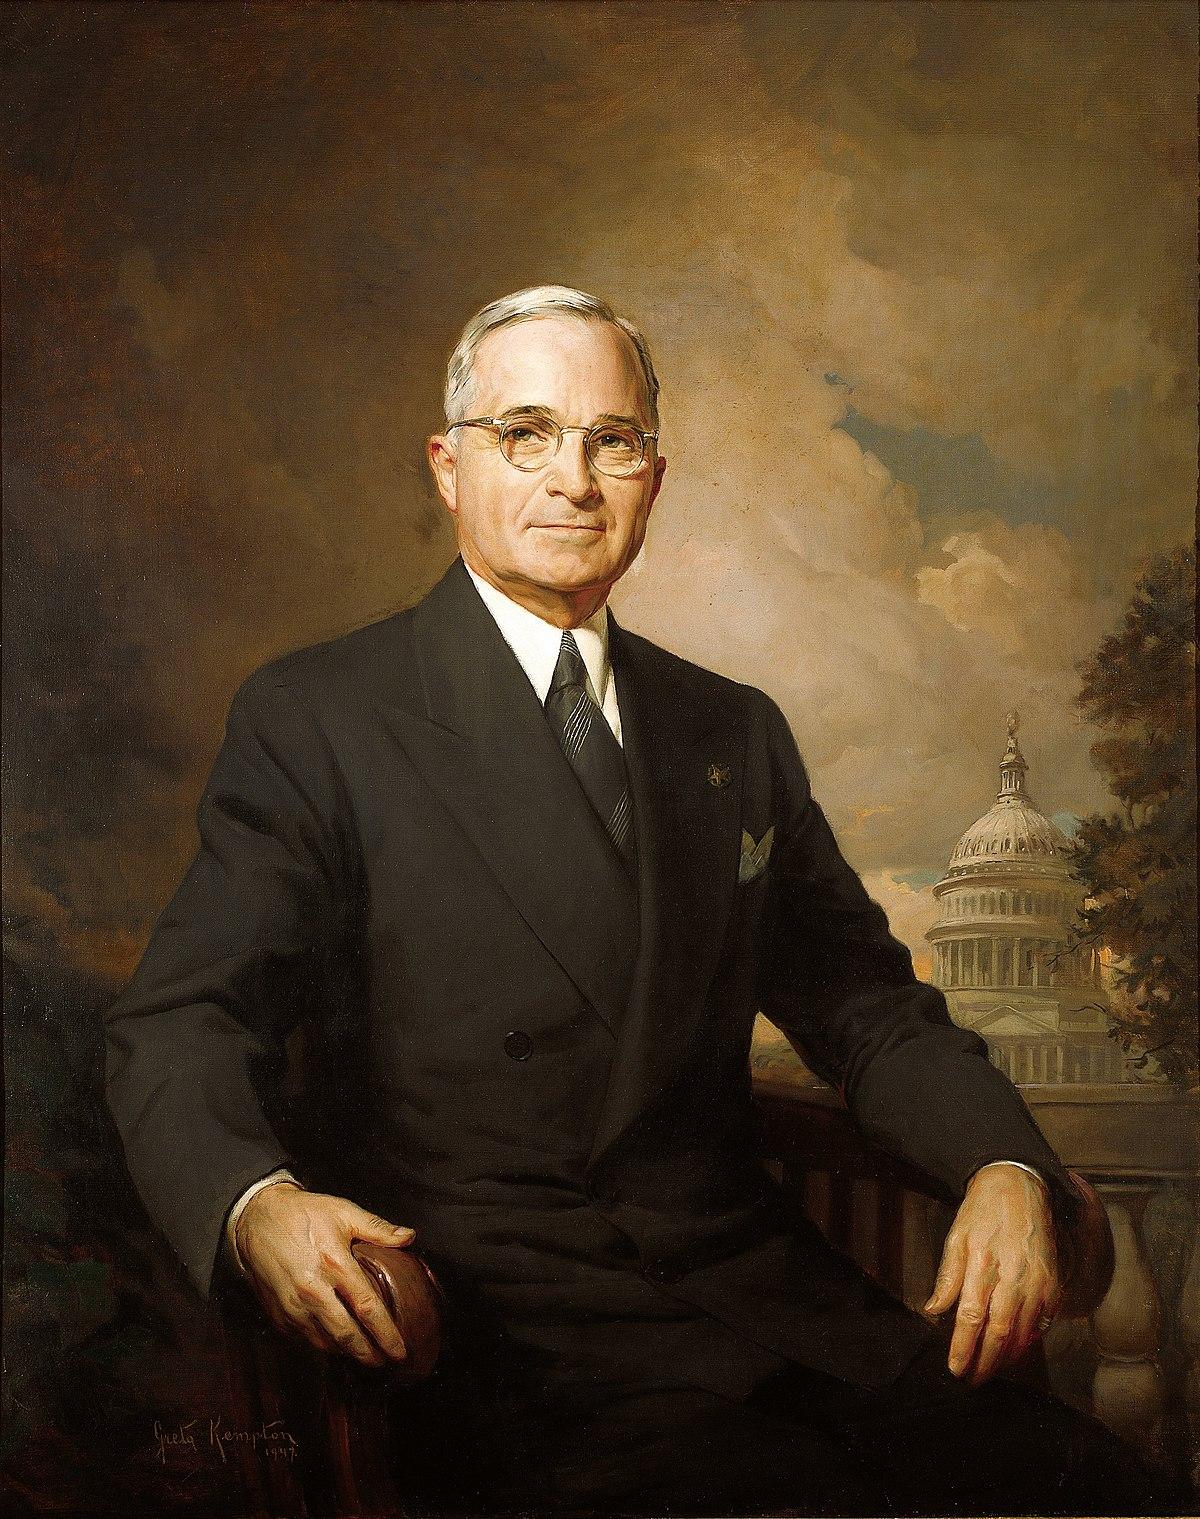 d5c60adde91 Presidency of Harry S. Truman - Wikipedia